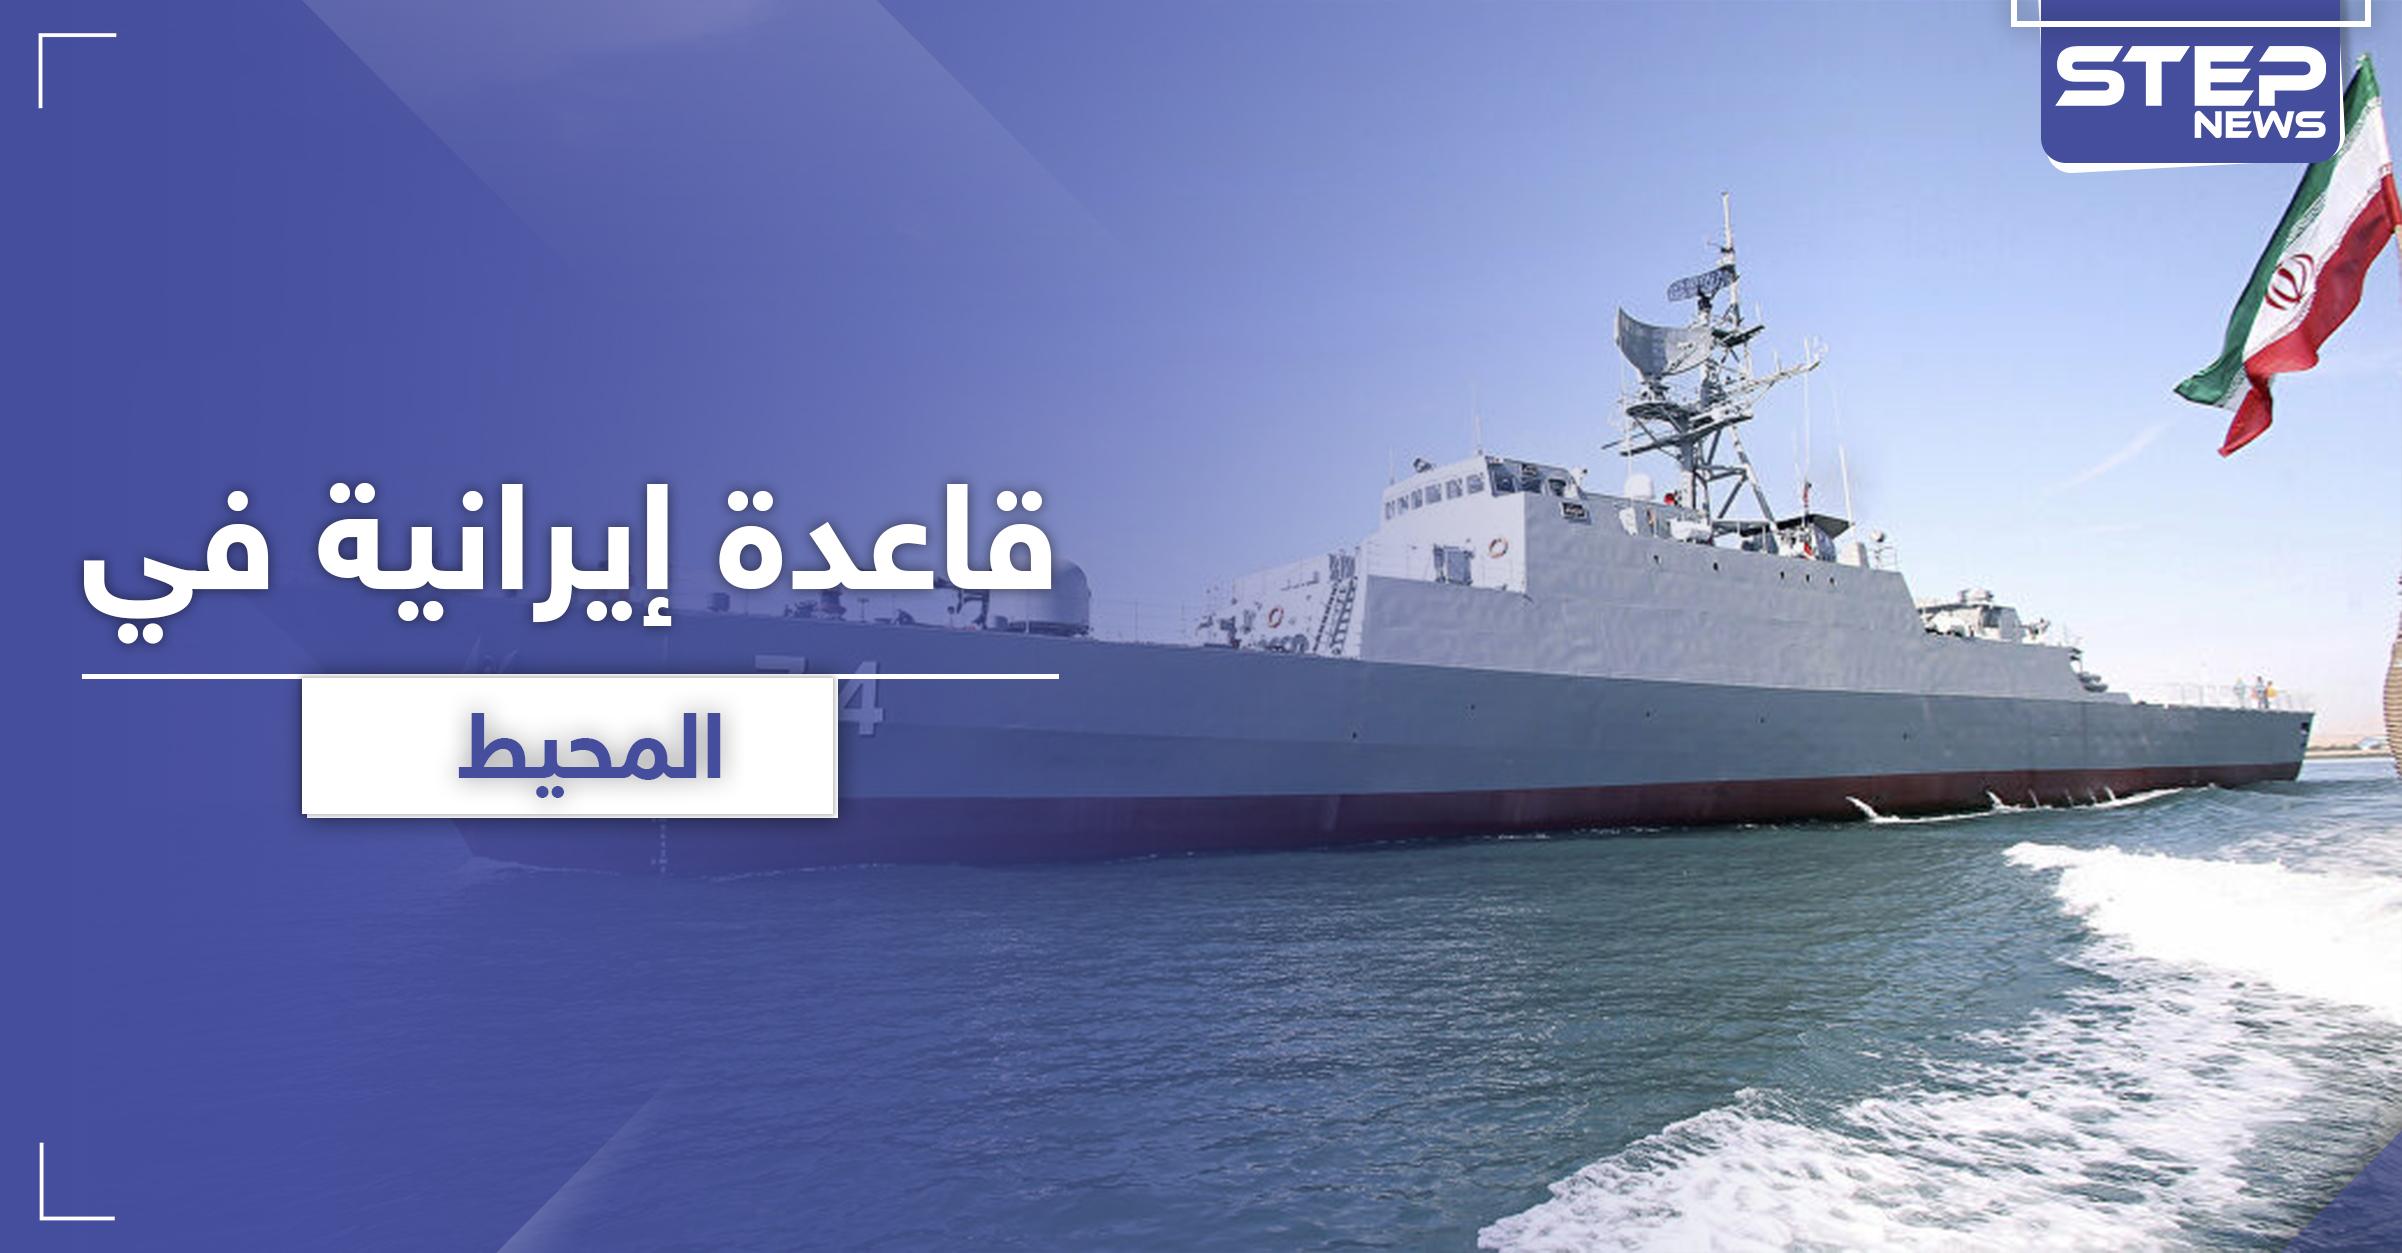 بعد القمر الصناعي التجسسي.. الحرس الثوري الإيراني يتمدد ويصل إلى المحيط لهذا الهدف